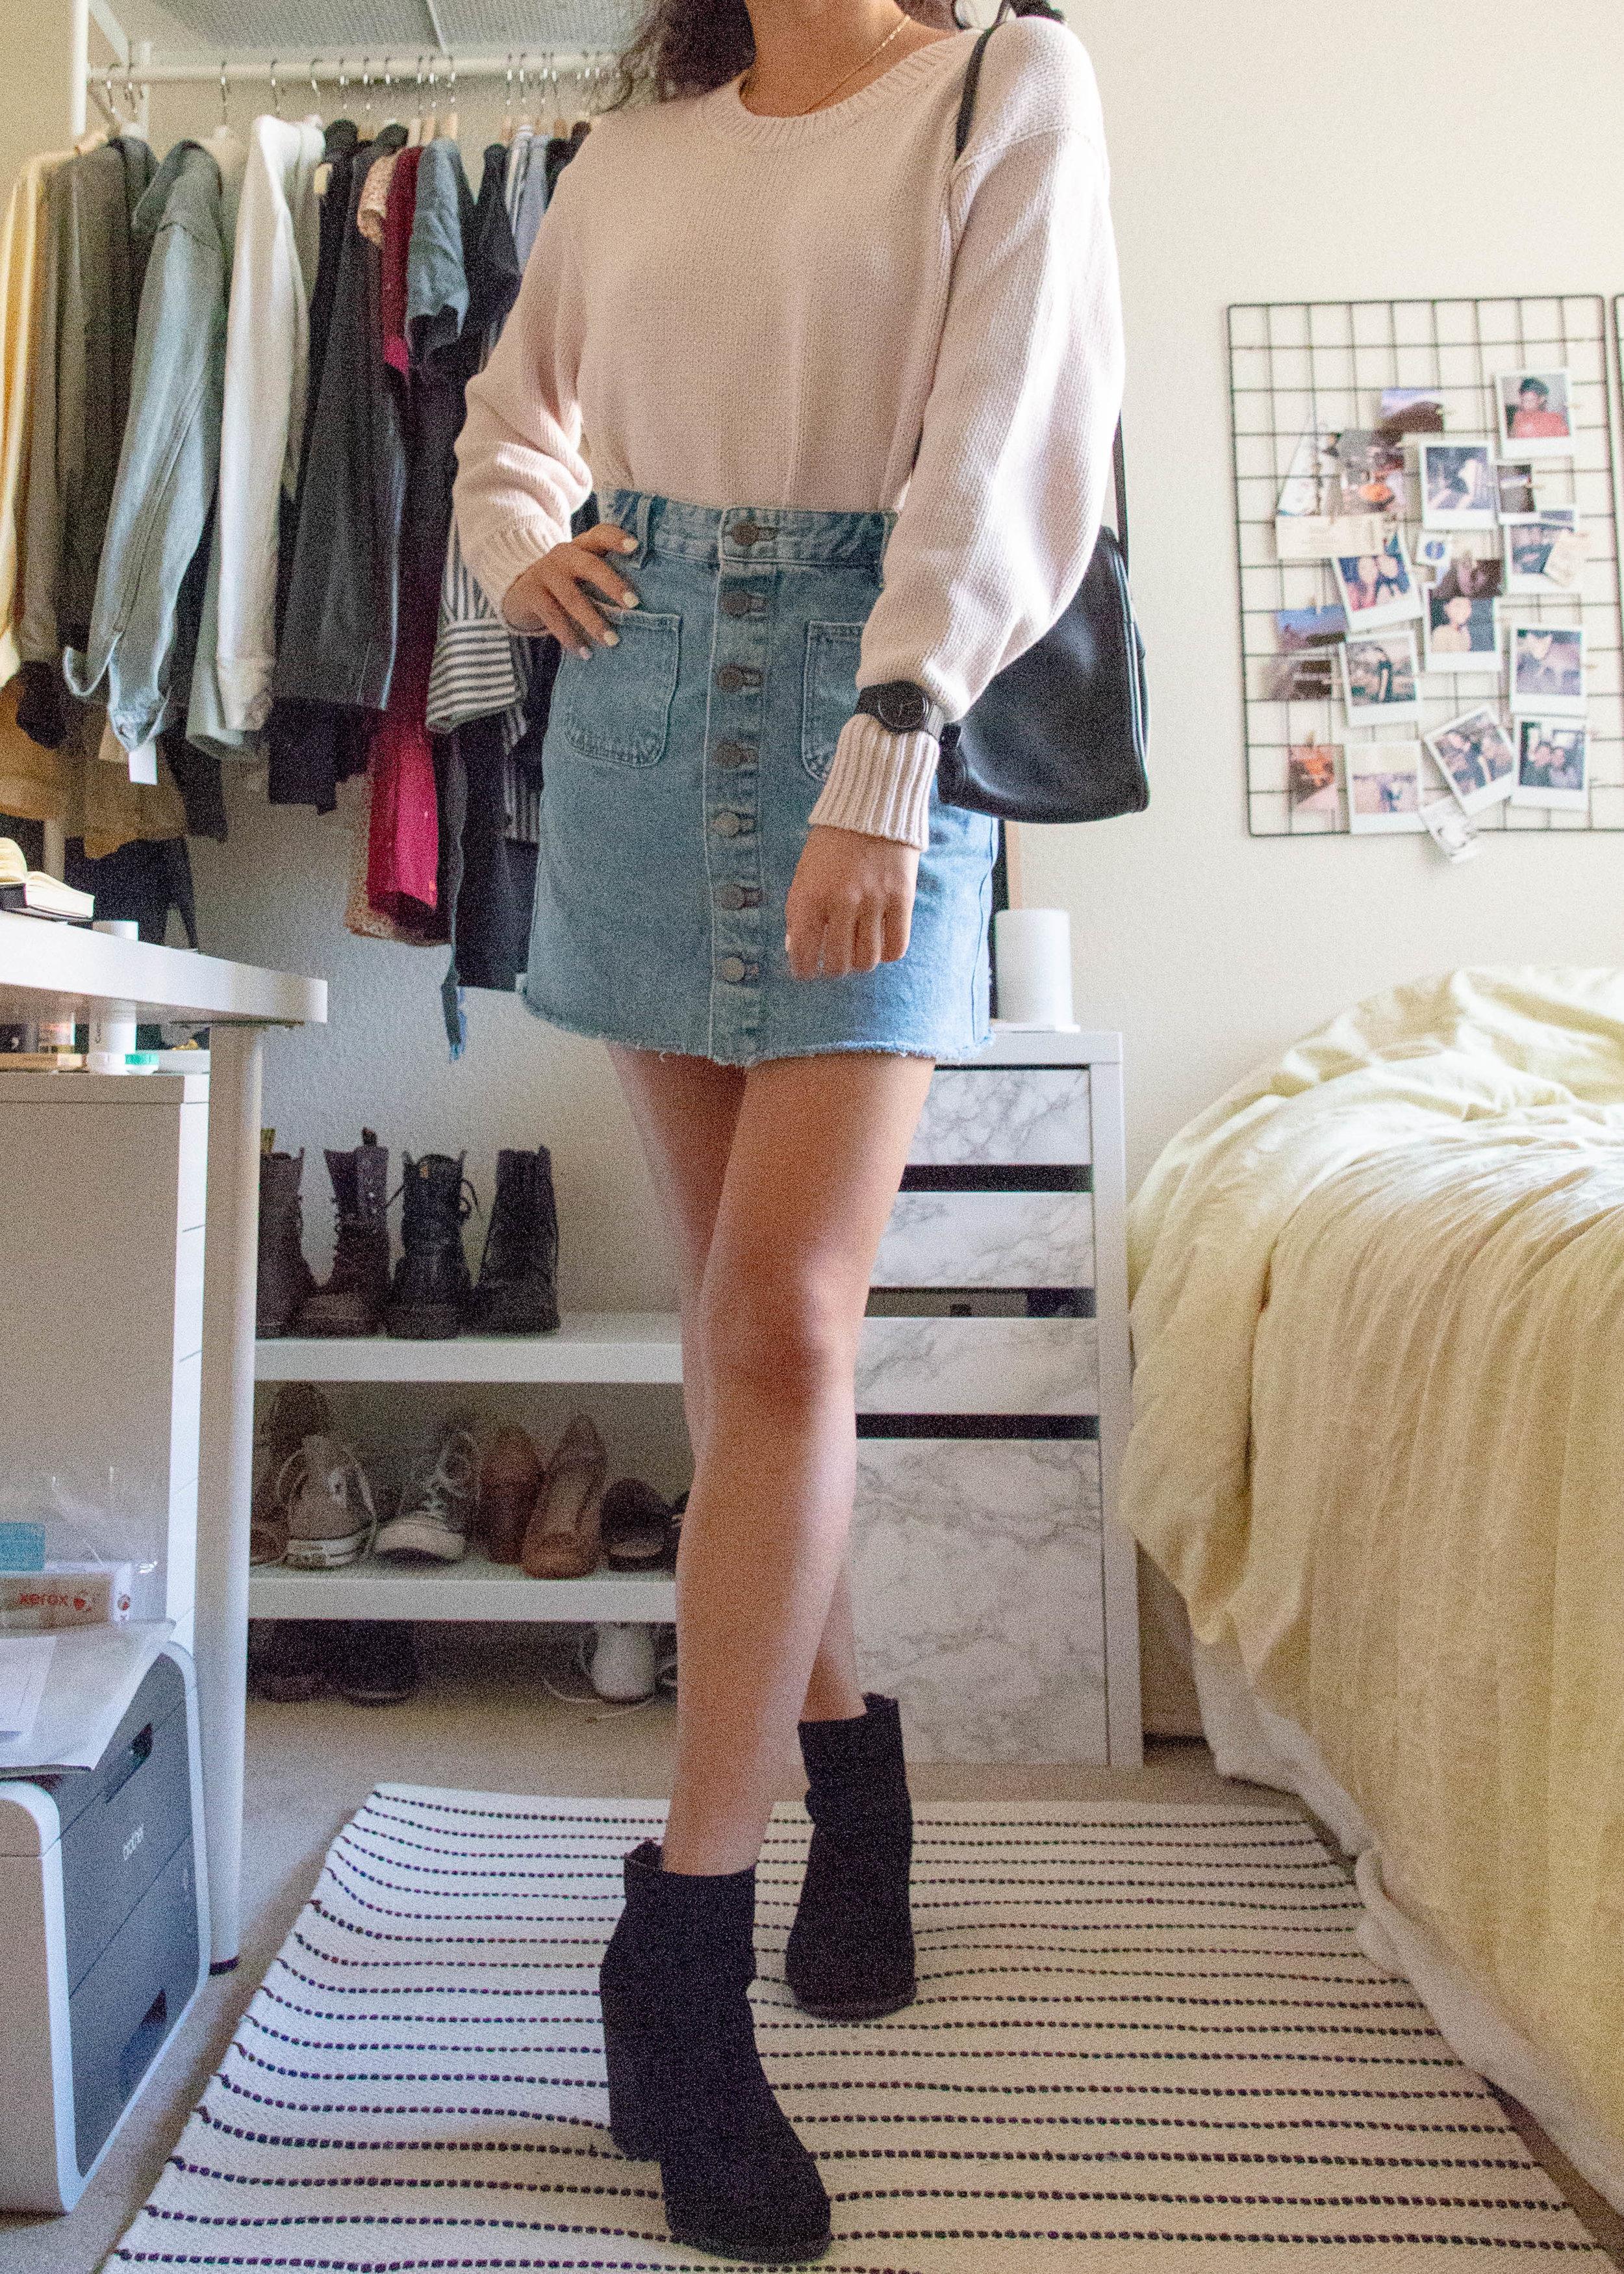 the denim skirt - sweater - everlane*skirt - zaraboots - urban outfittersbag - vintage